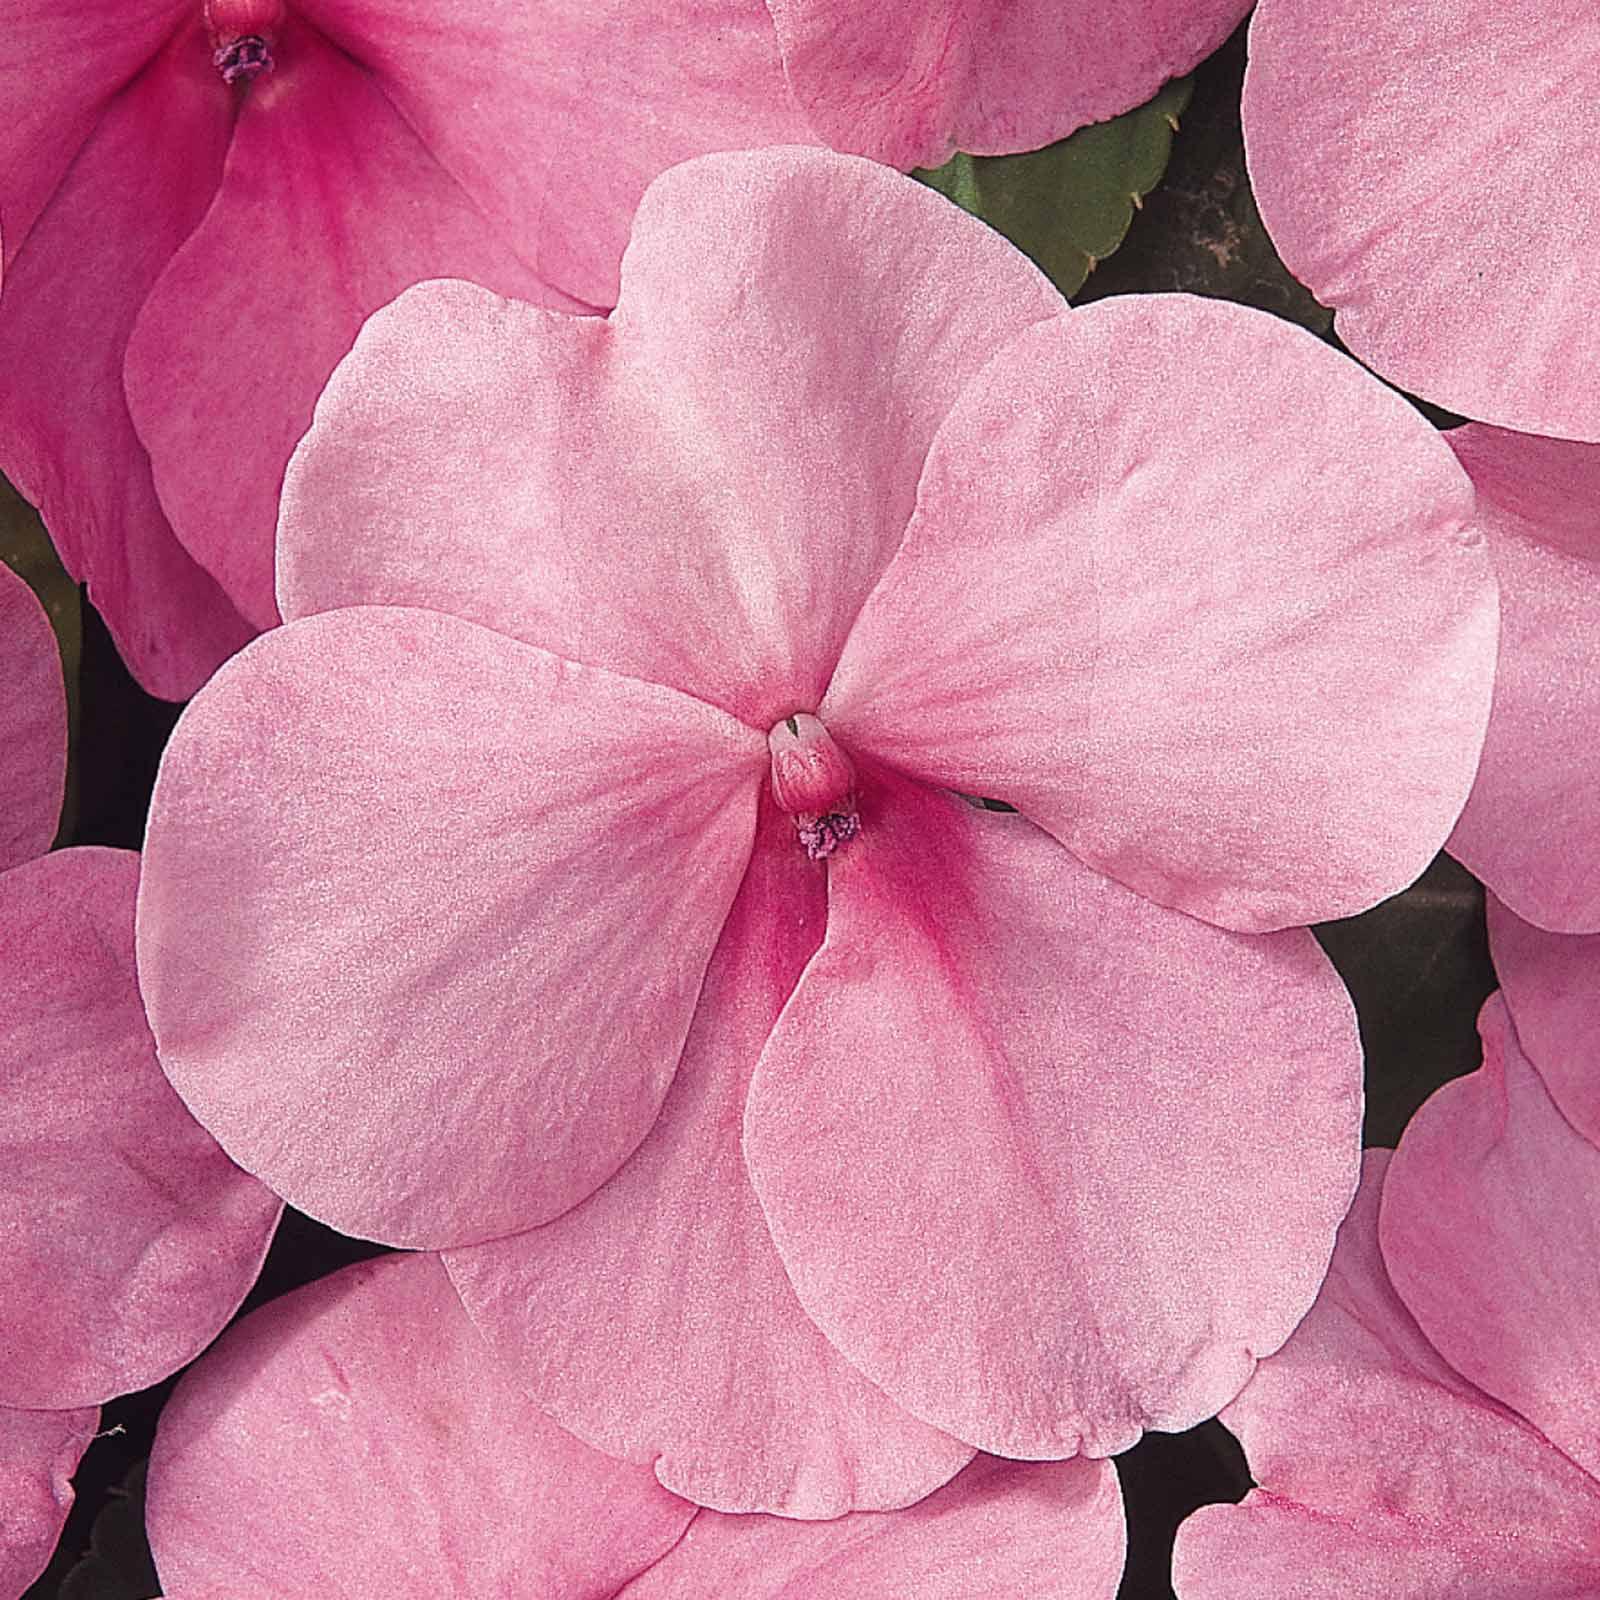 Impatiens Flower Garden Seeds - F1 Dazzler Series - Blue Pearl - 500 Seeds - Annual Flower Gardening Seeds - Impatiens wallerana